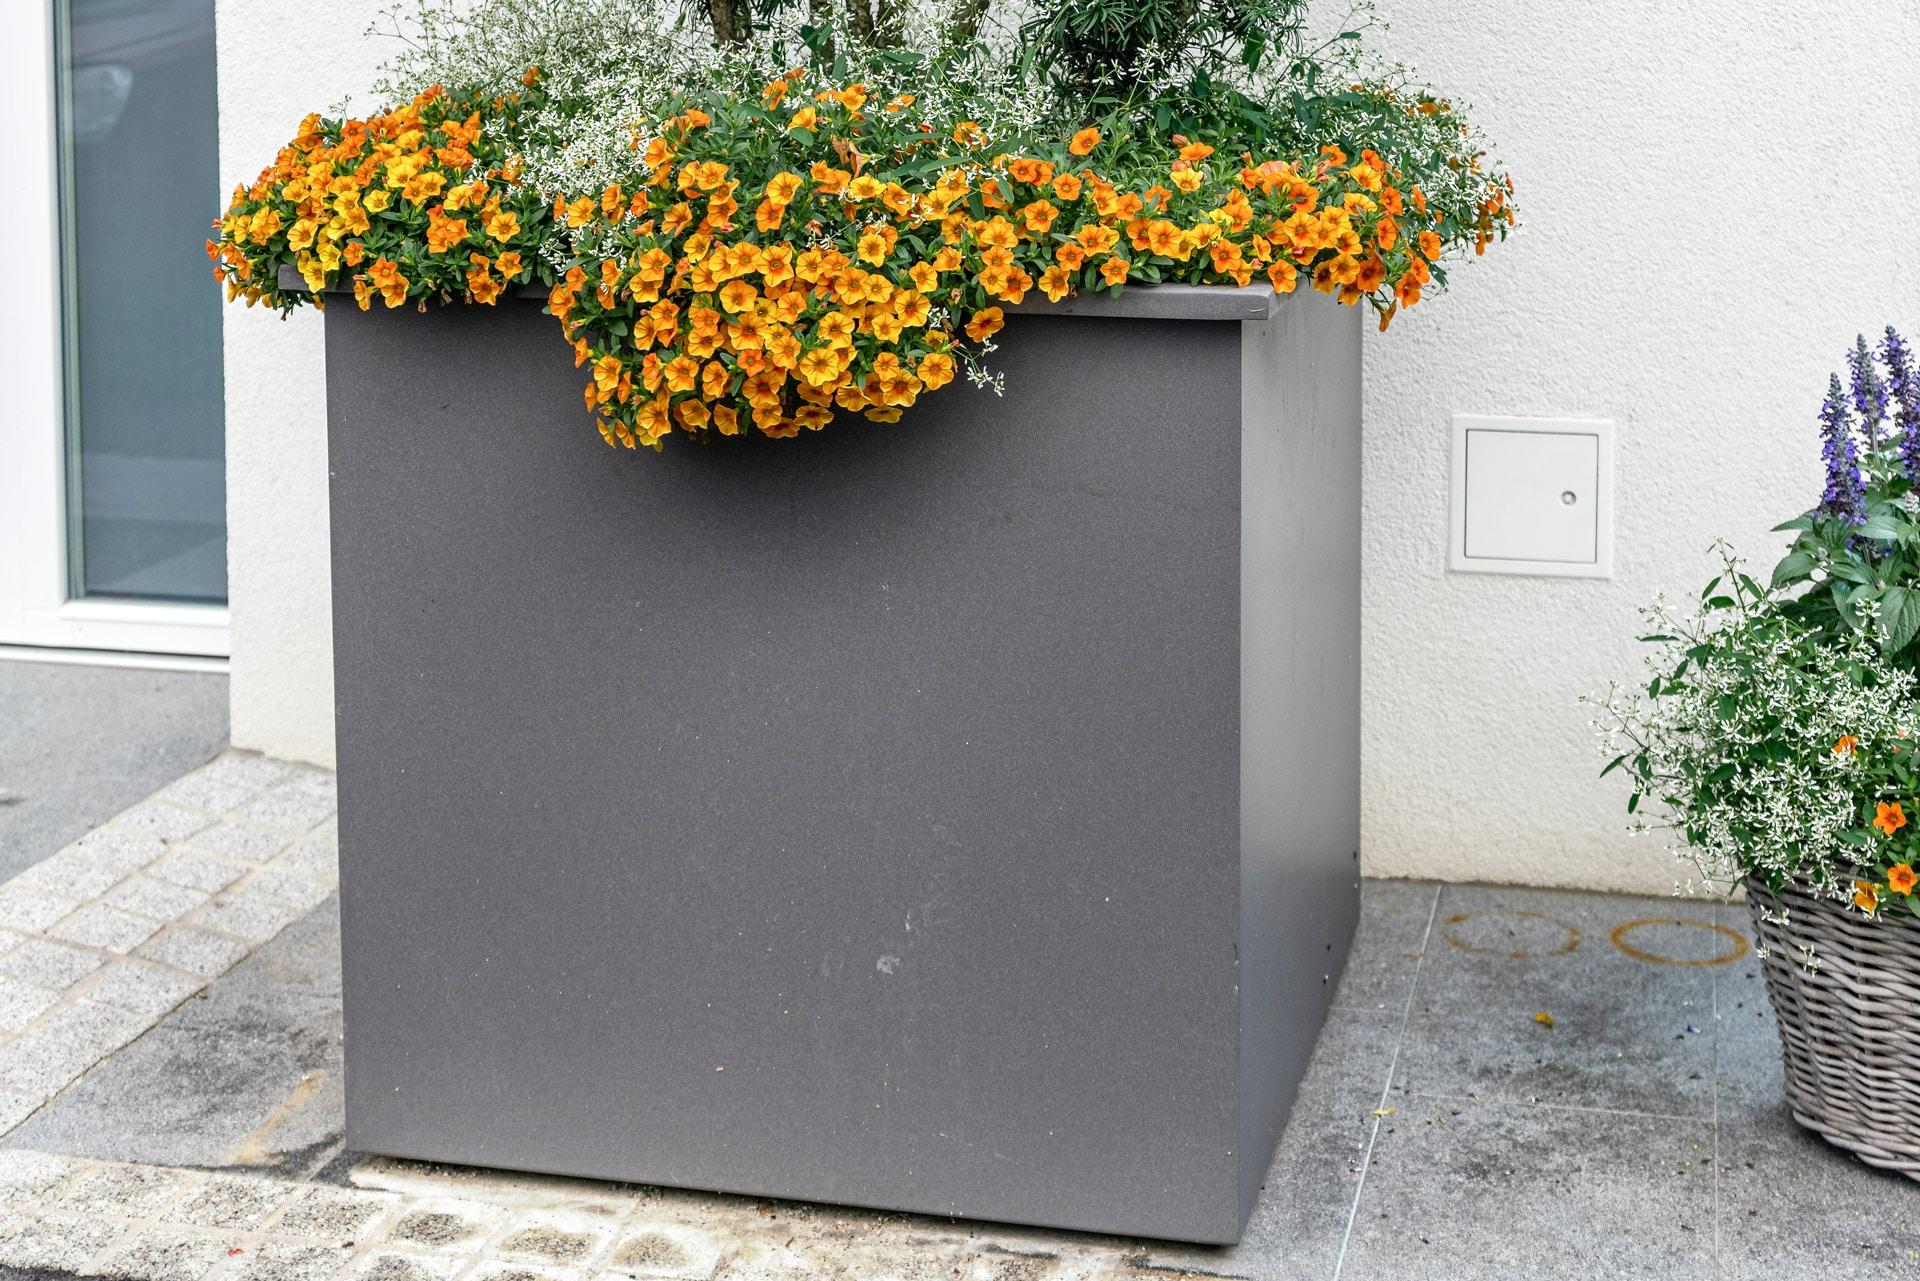 S 23 a | Übergrößen Blumentopf aus Aluminium grau beschichtet, Quadratisch, orange Blumen | Svoboda